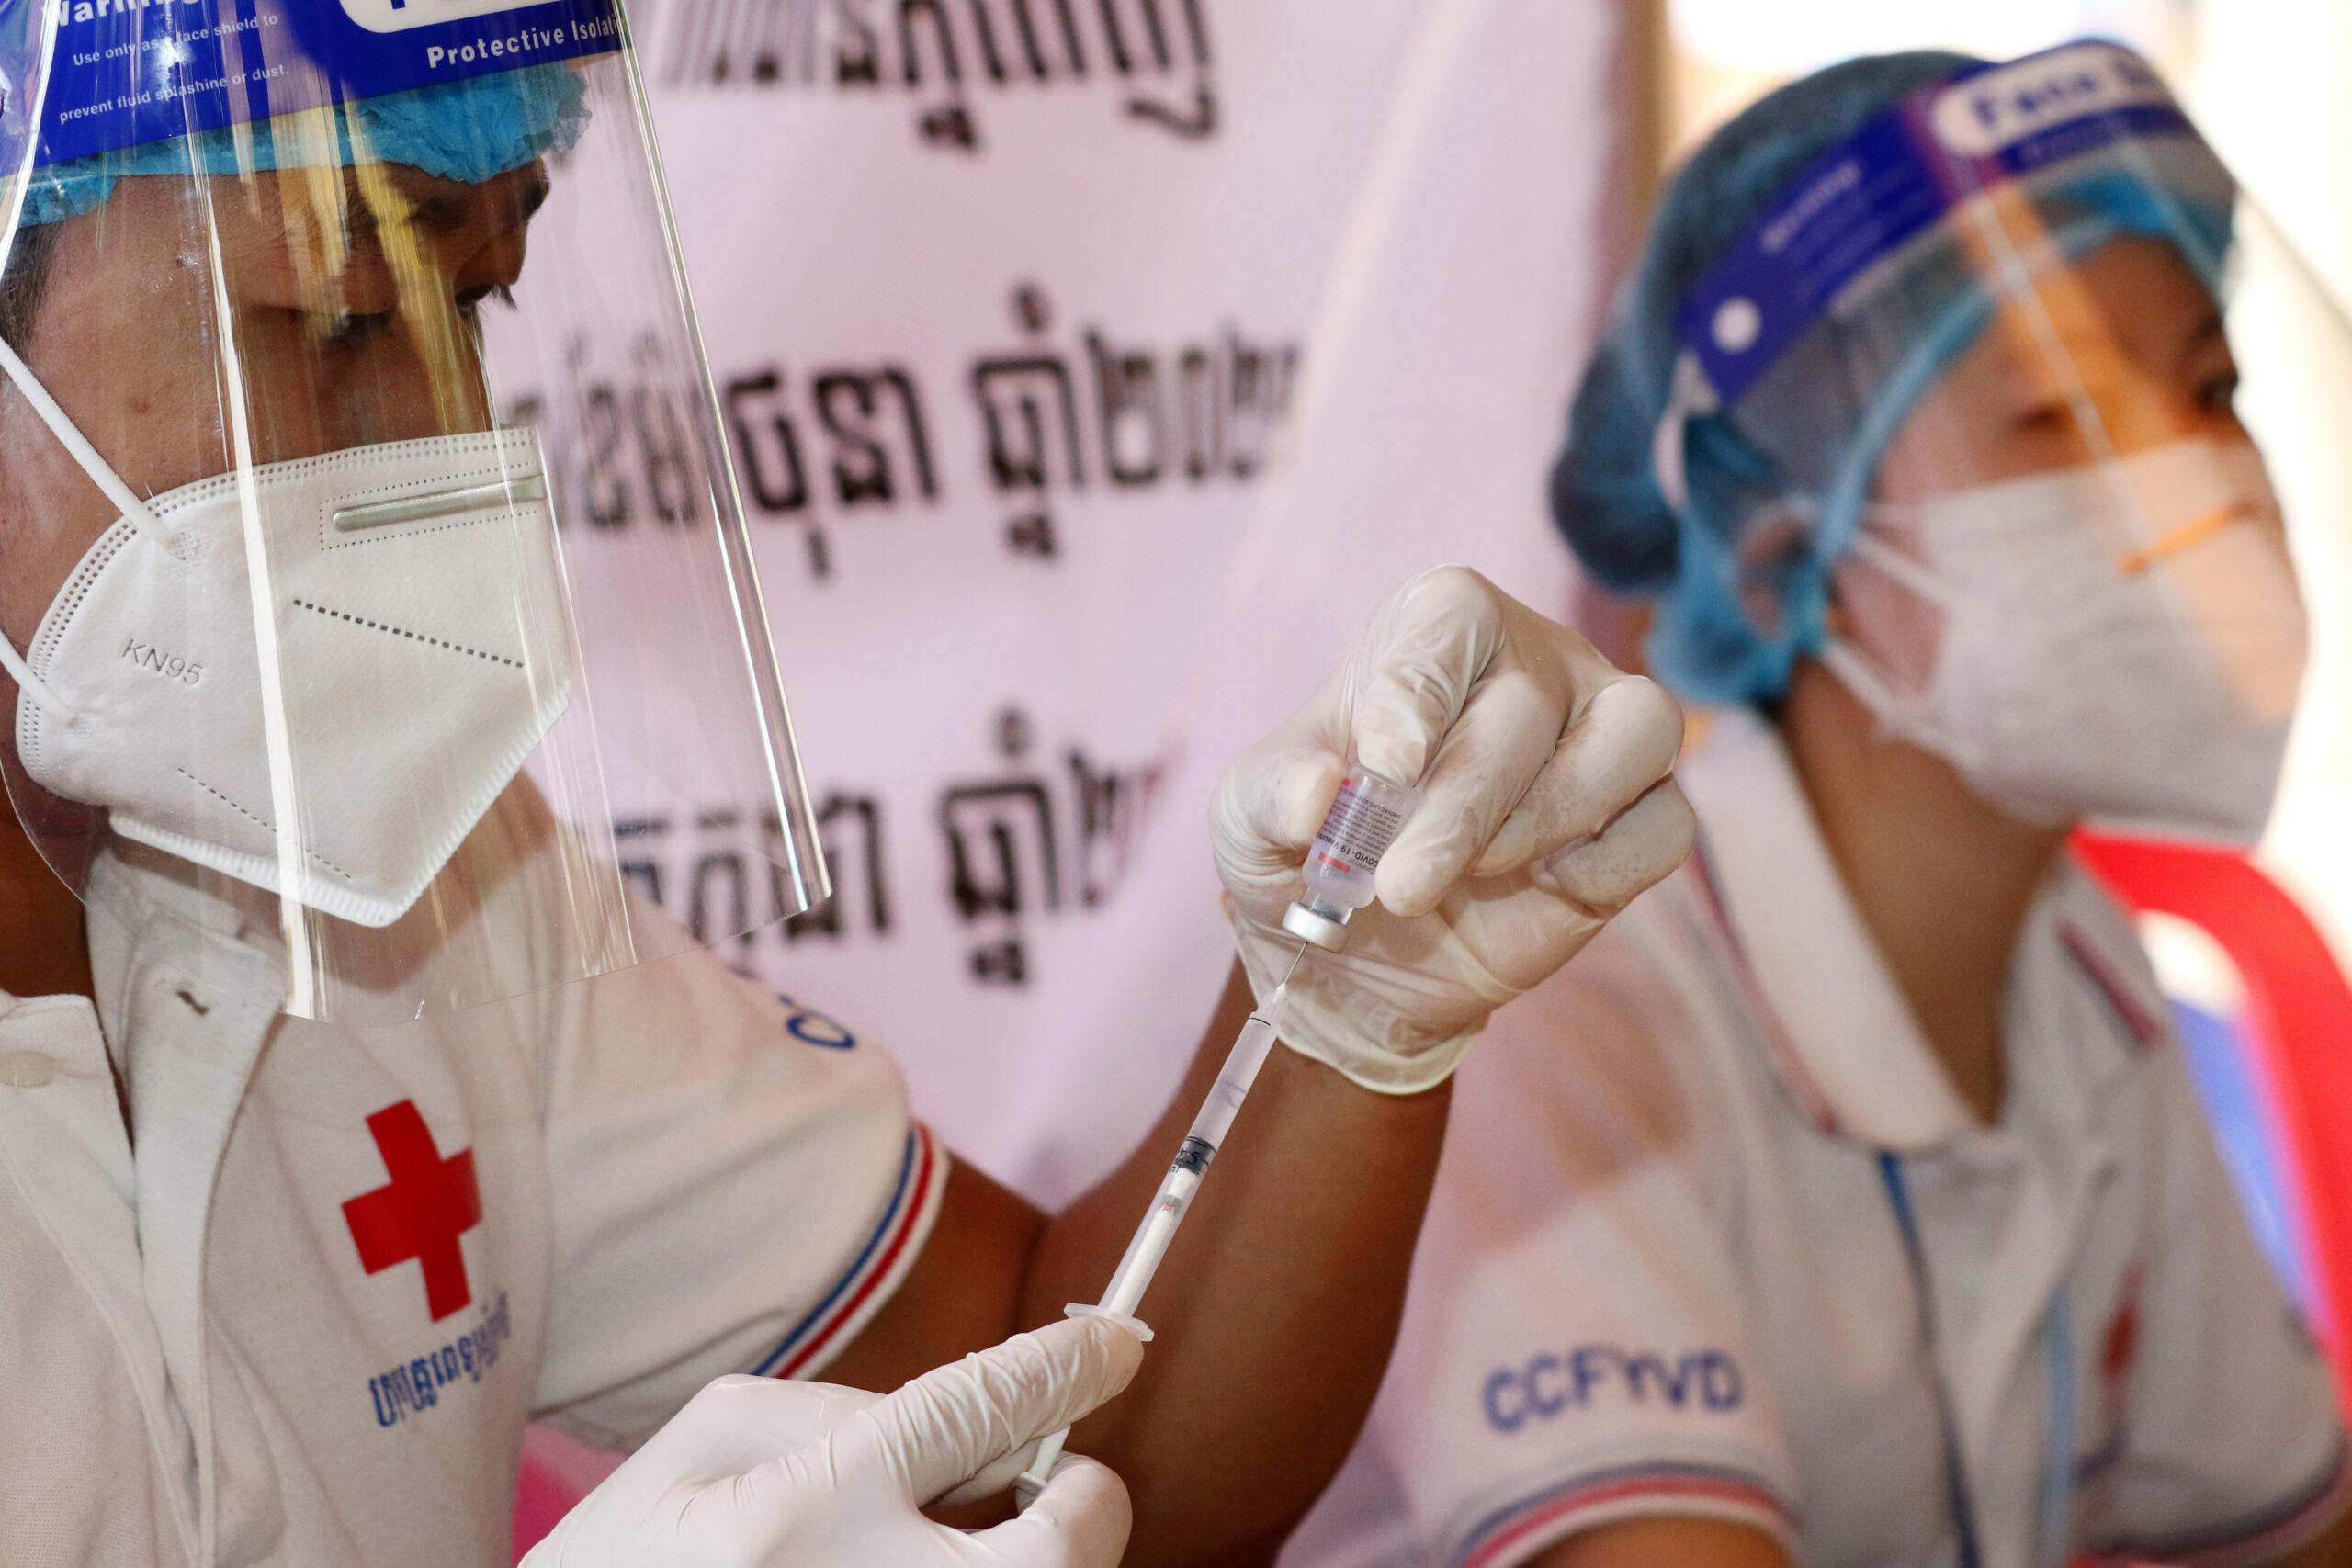 กัมพูชาไฟเขียวเปิดมหา'ลัย หลังคนส่วนใหญ่ฉีด 'วัคซีนโควิด-19'